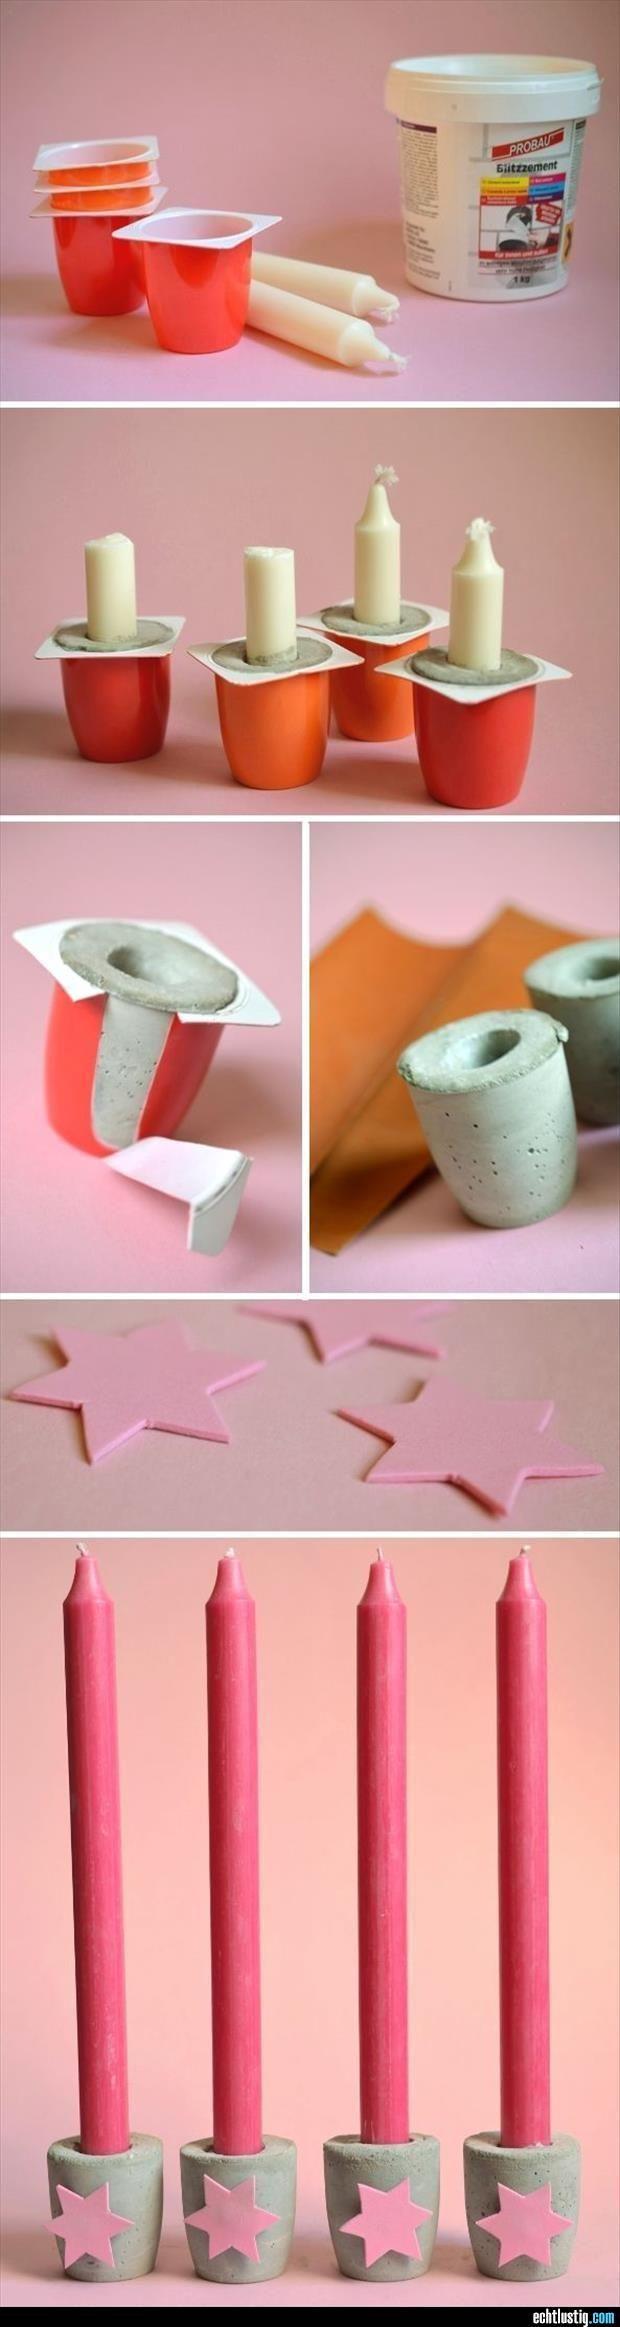 Kleine kreative Ideen zum Selbermachen